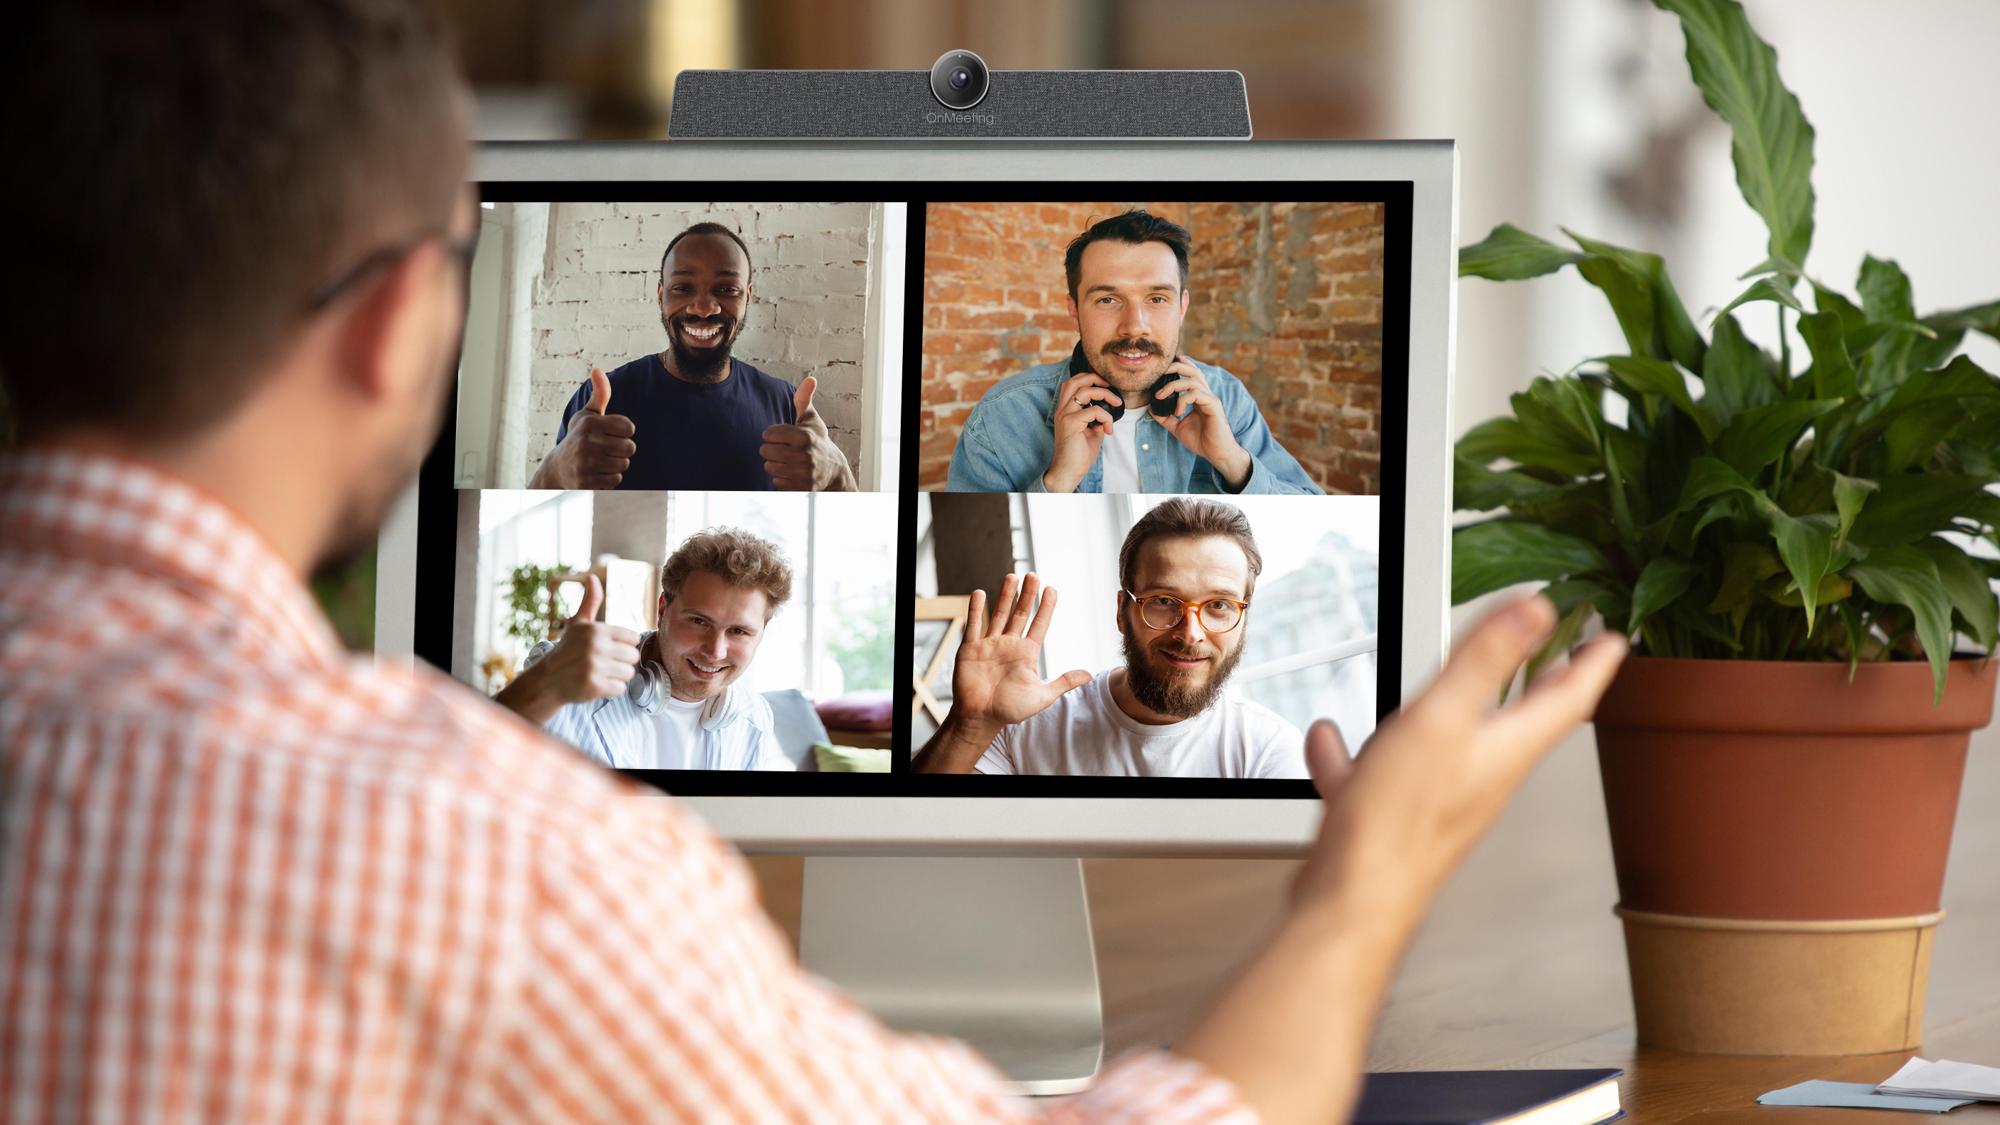 Bình chọn nền tảng họp - học trực tuyến yêu thích nhất - 2